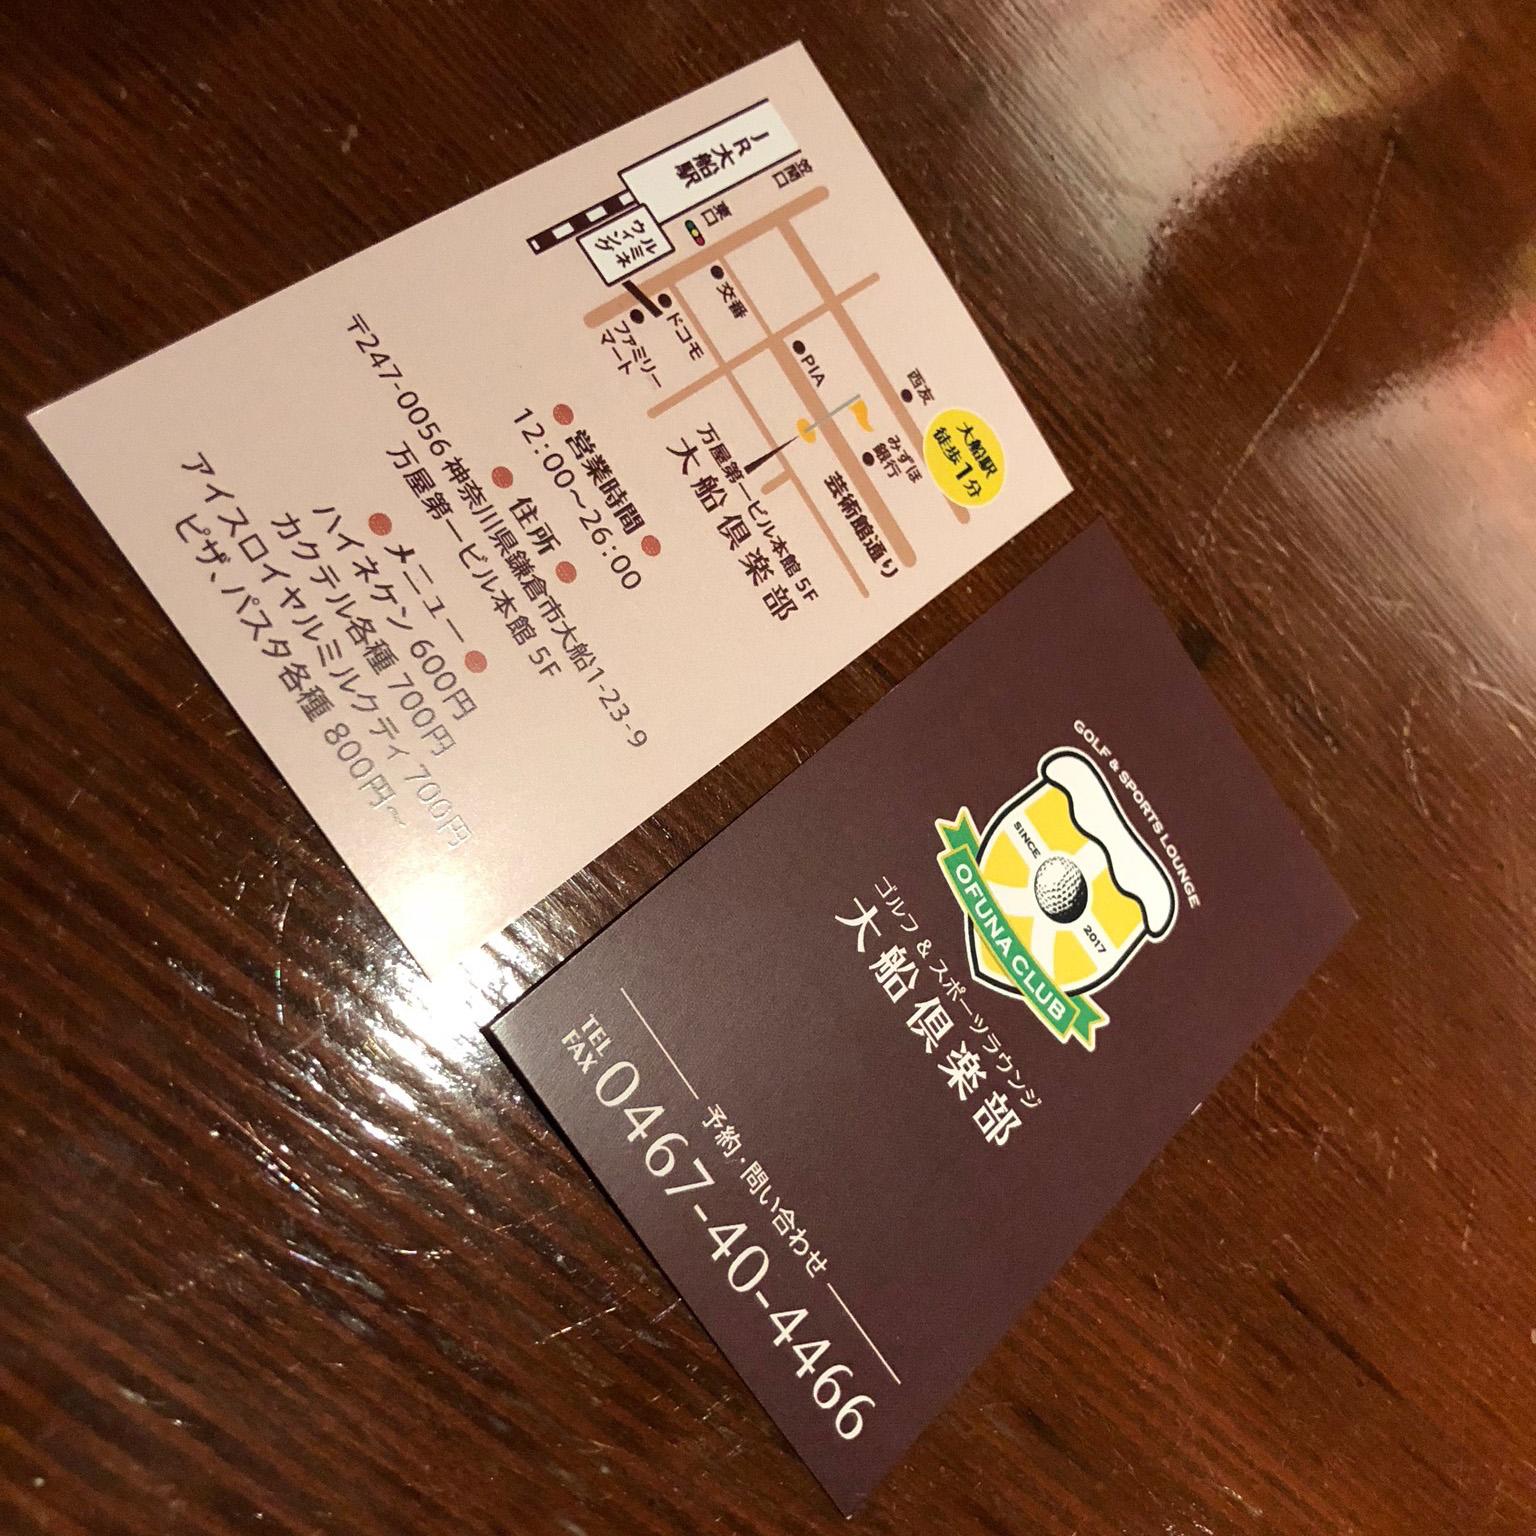 大船倶楽部ショップカードデザイン